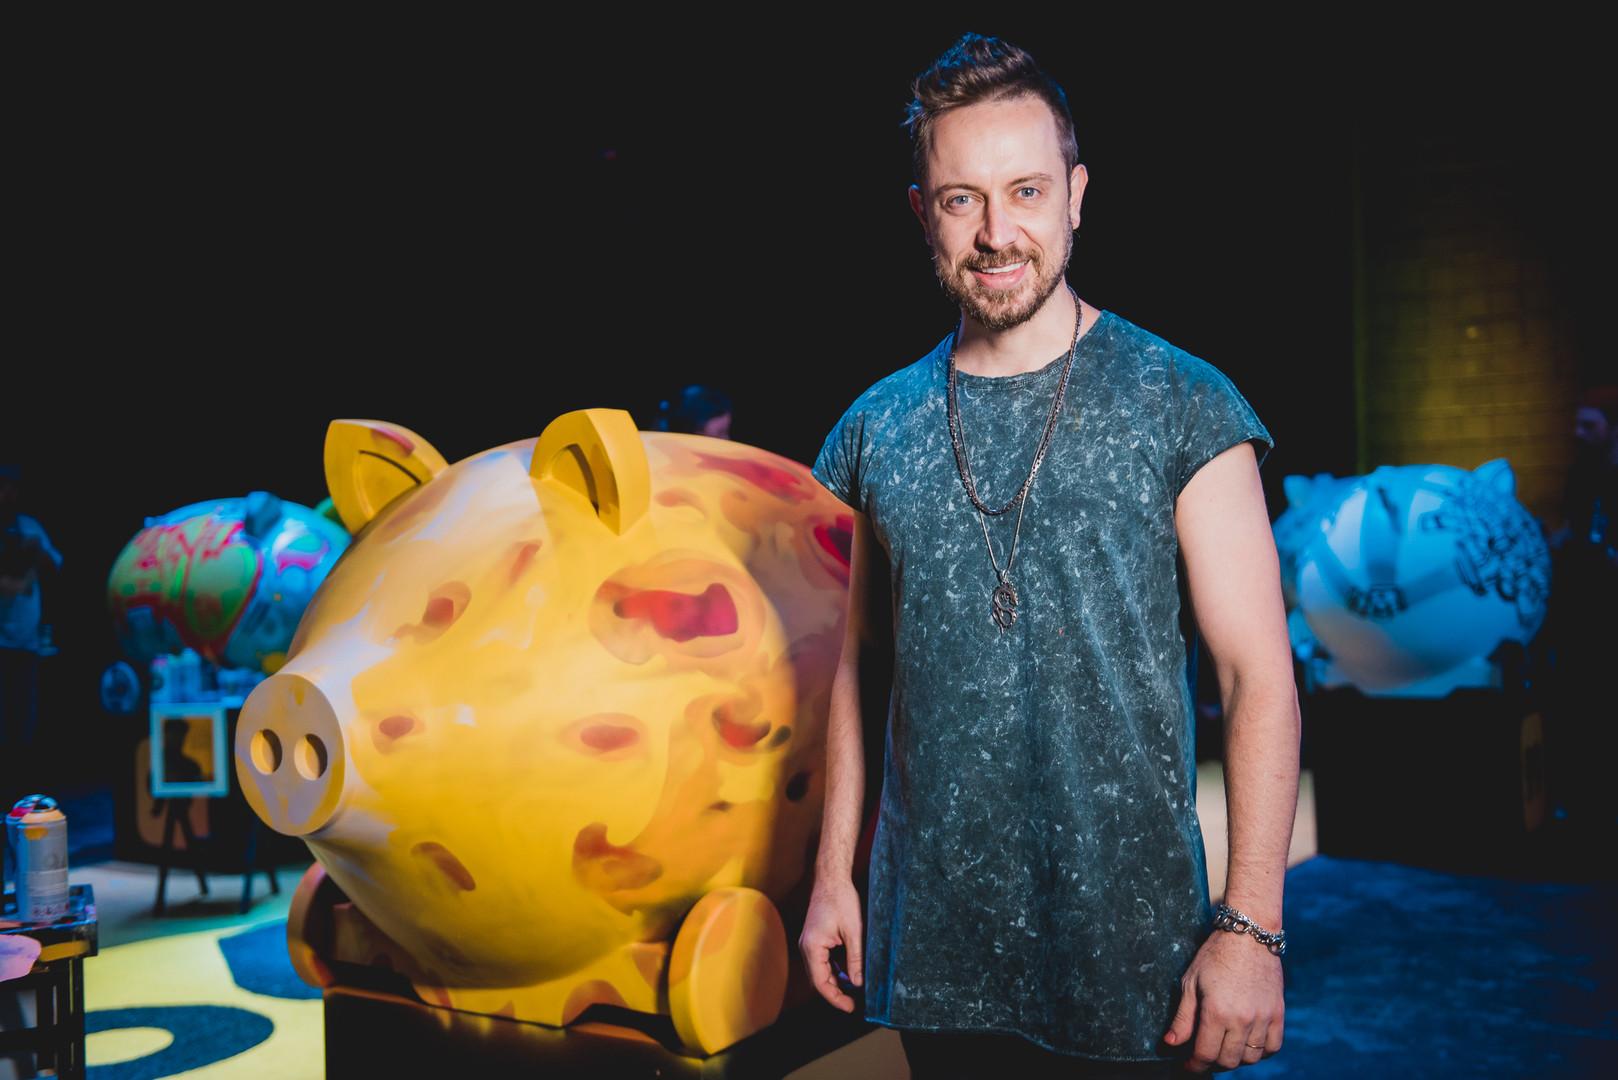 99_ArtBattle_Pigs_baixa_074por Wesley Al